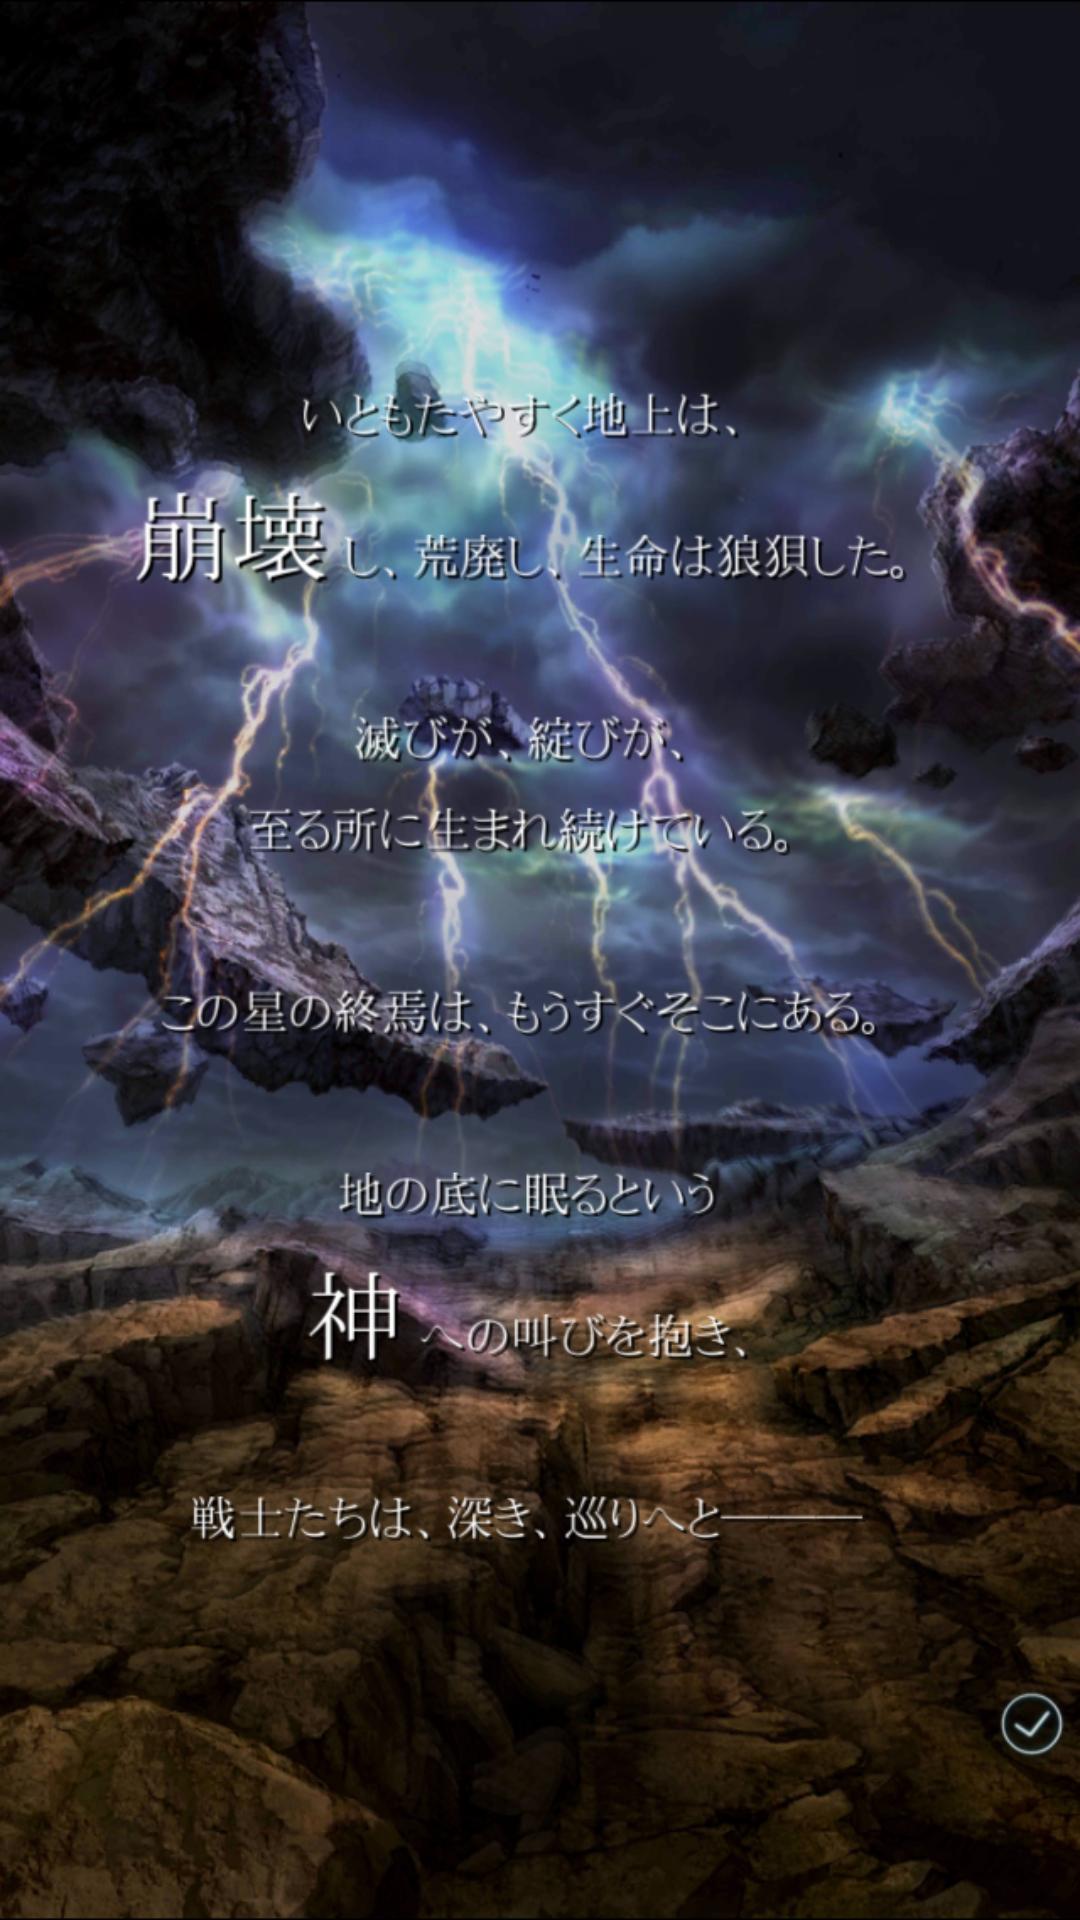 androidアプリ テラバトル(Terra Battle)攻略スクリーンショット3